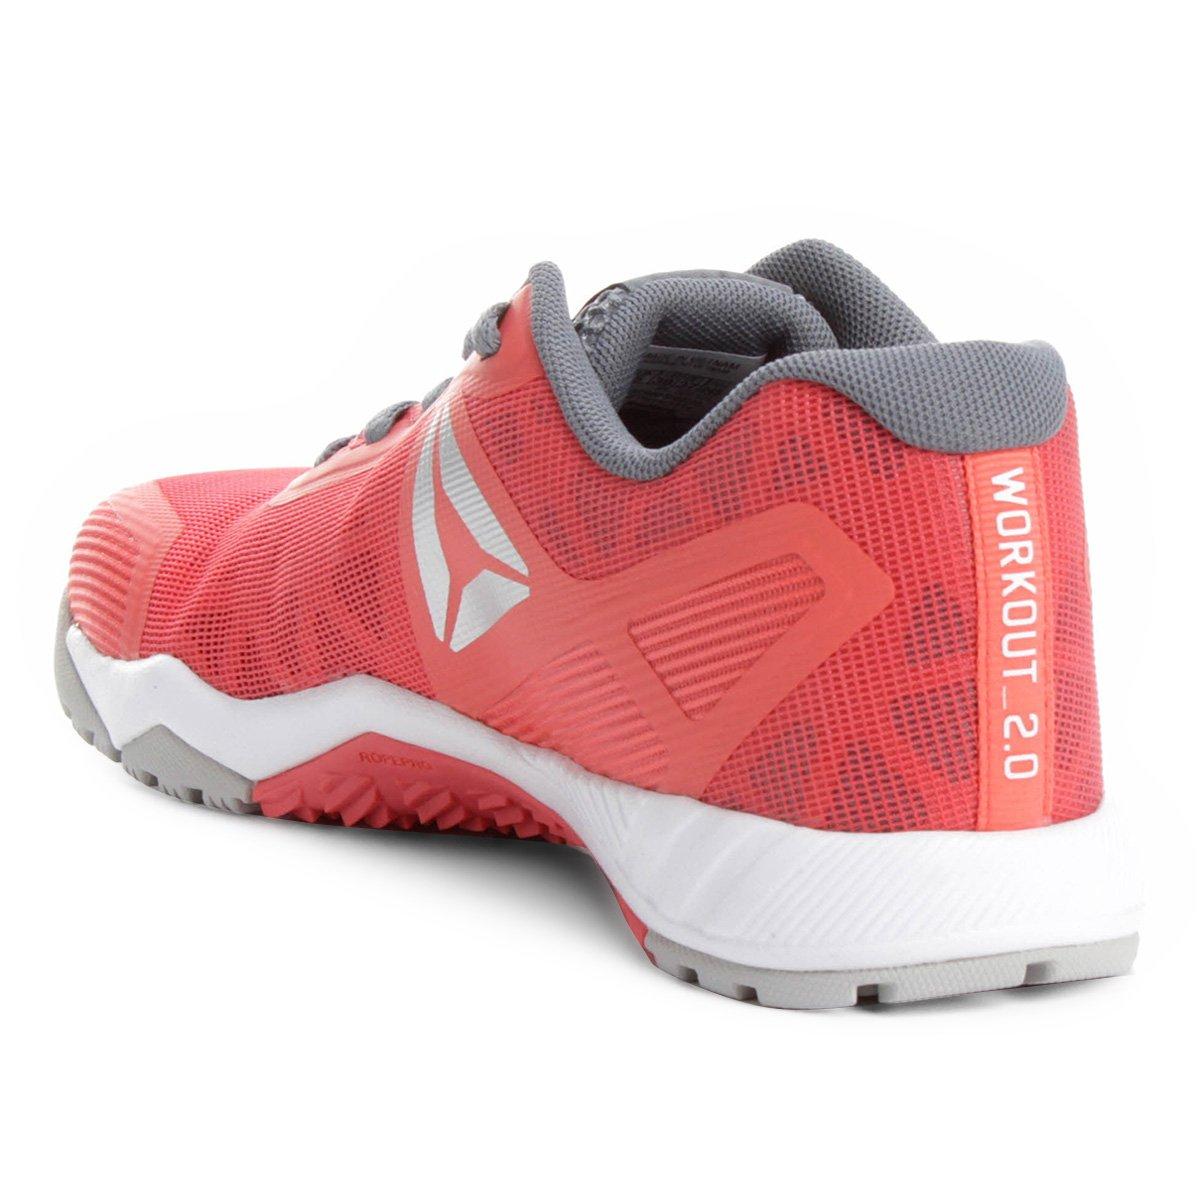 Tênis Reebok Ros Workout TR 2.0 Feminino - Compre Agora  6d776491a10d6